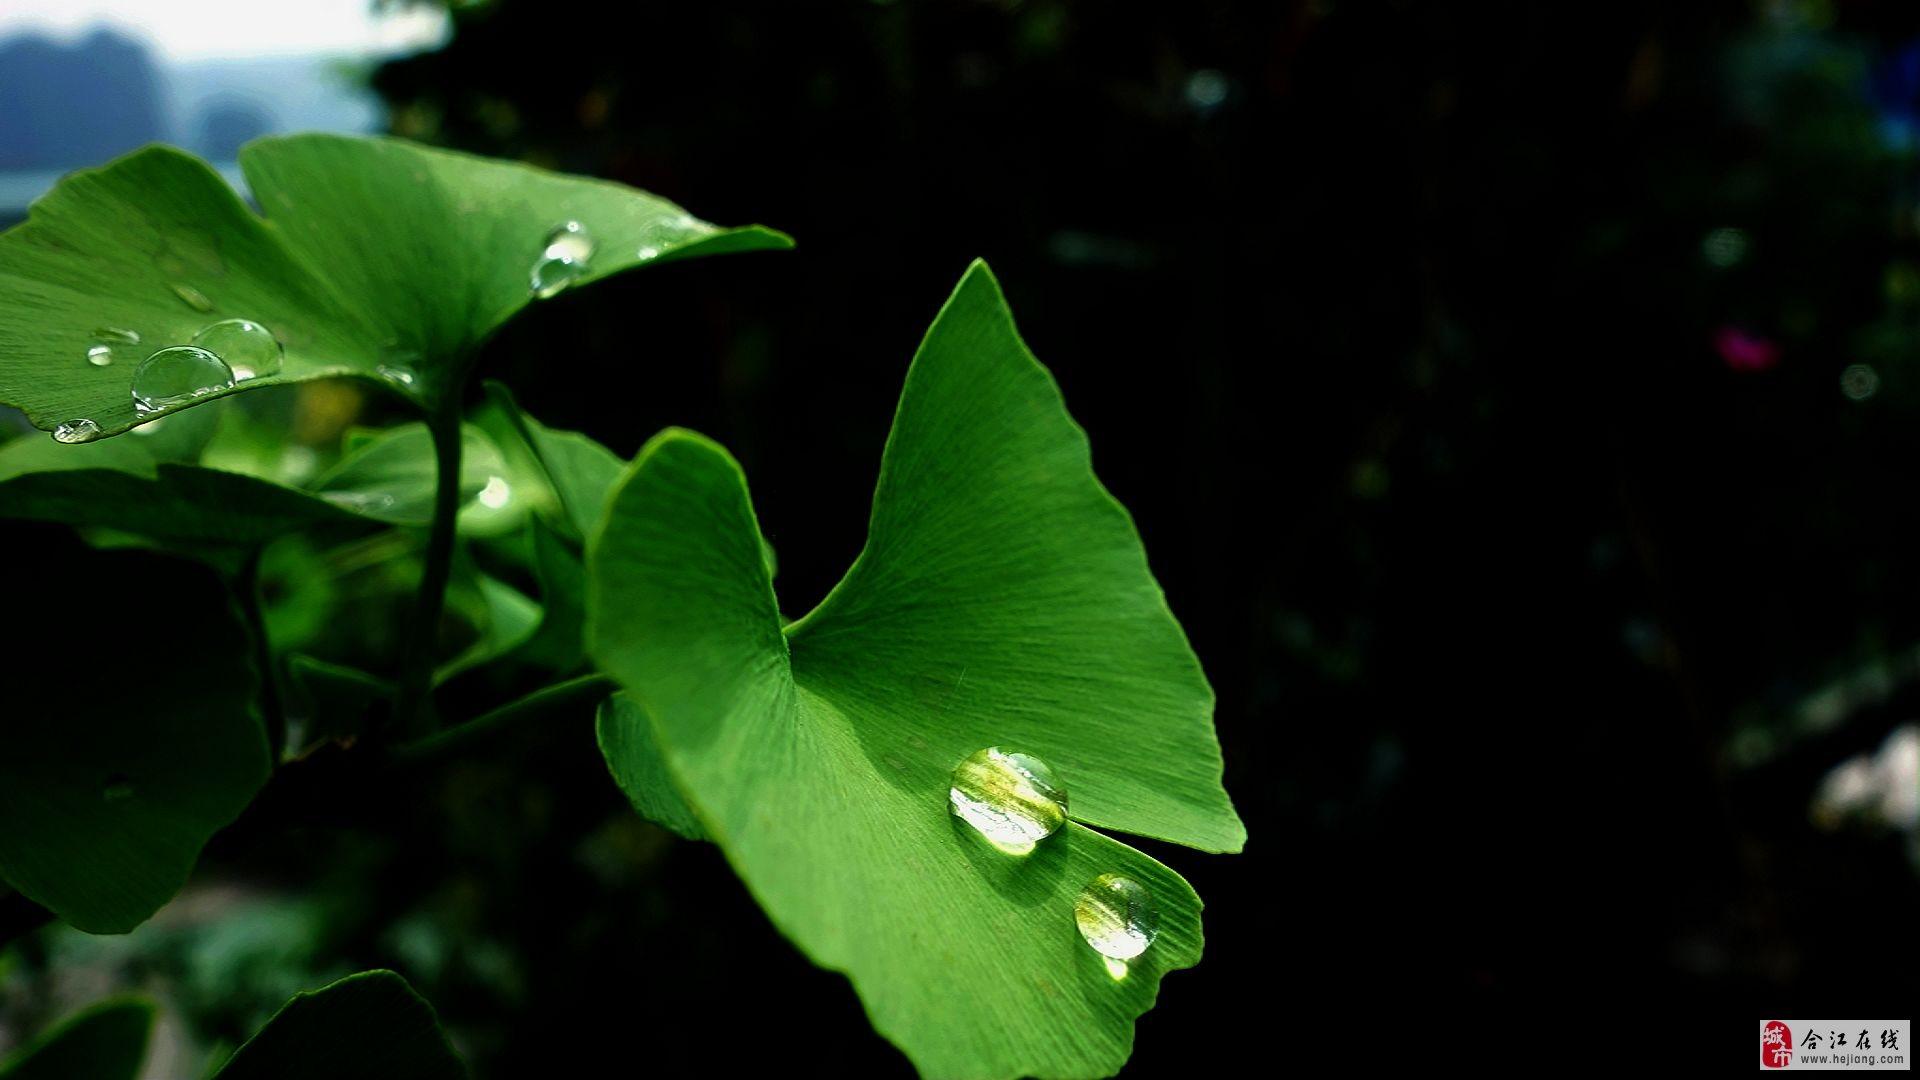 春雨后的银杏叶